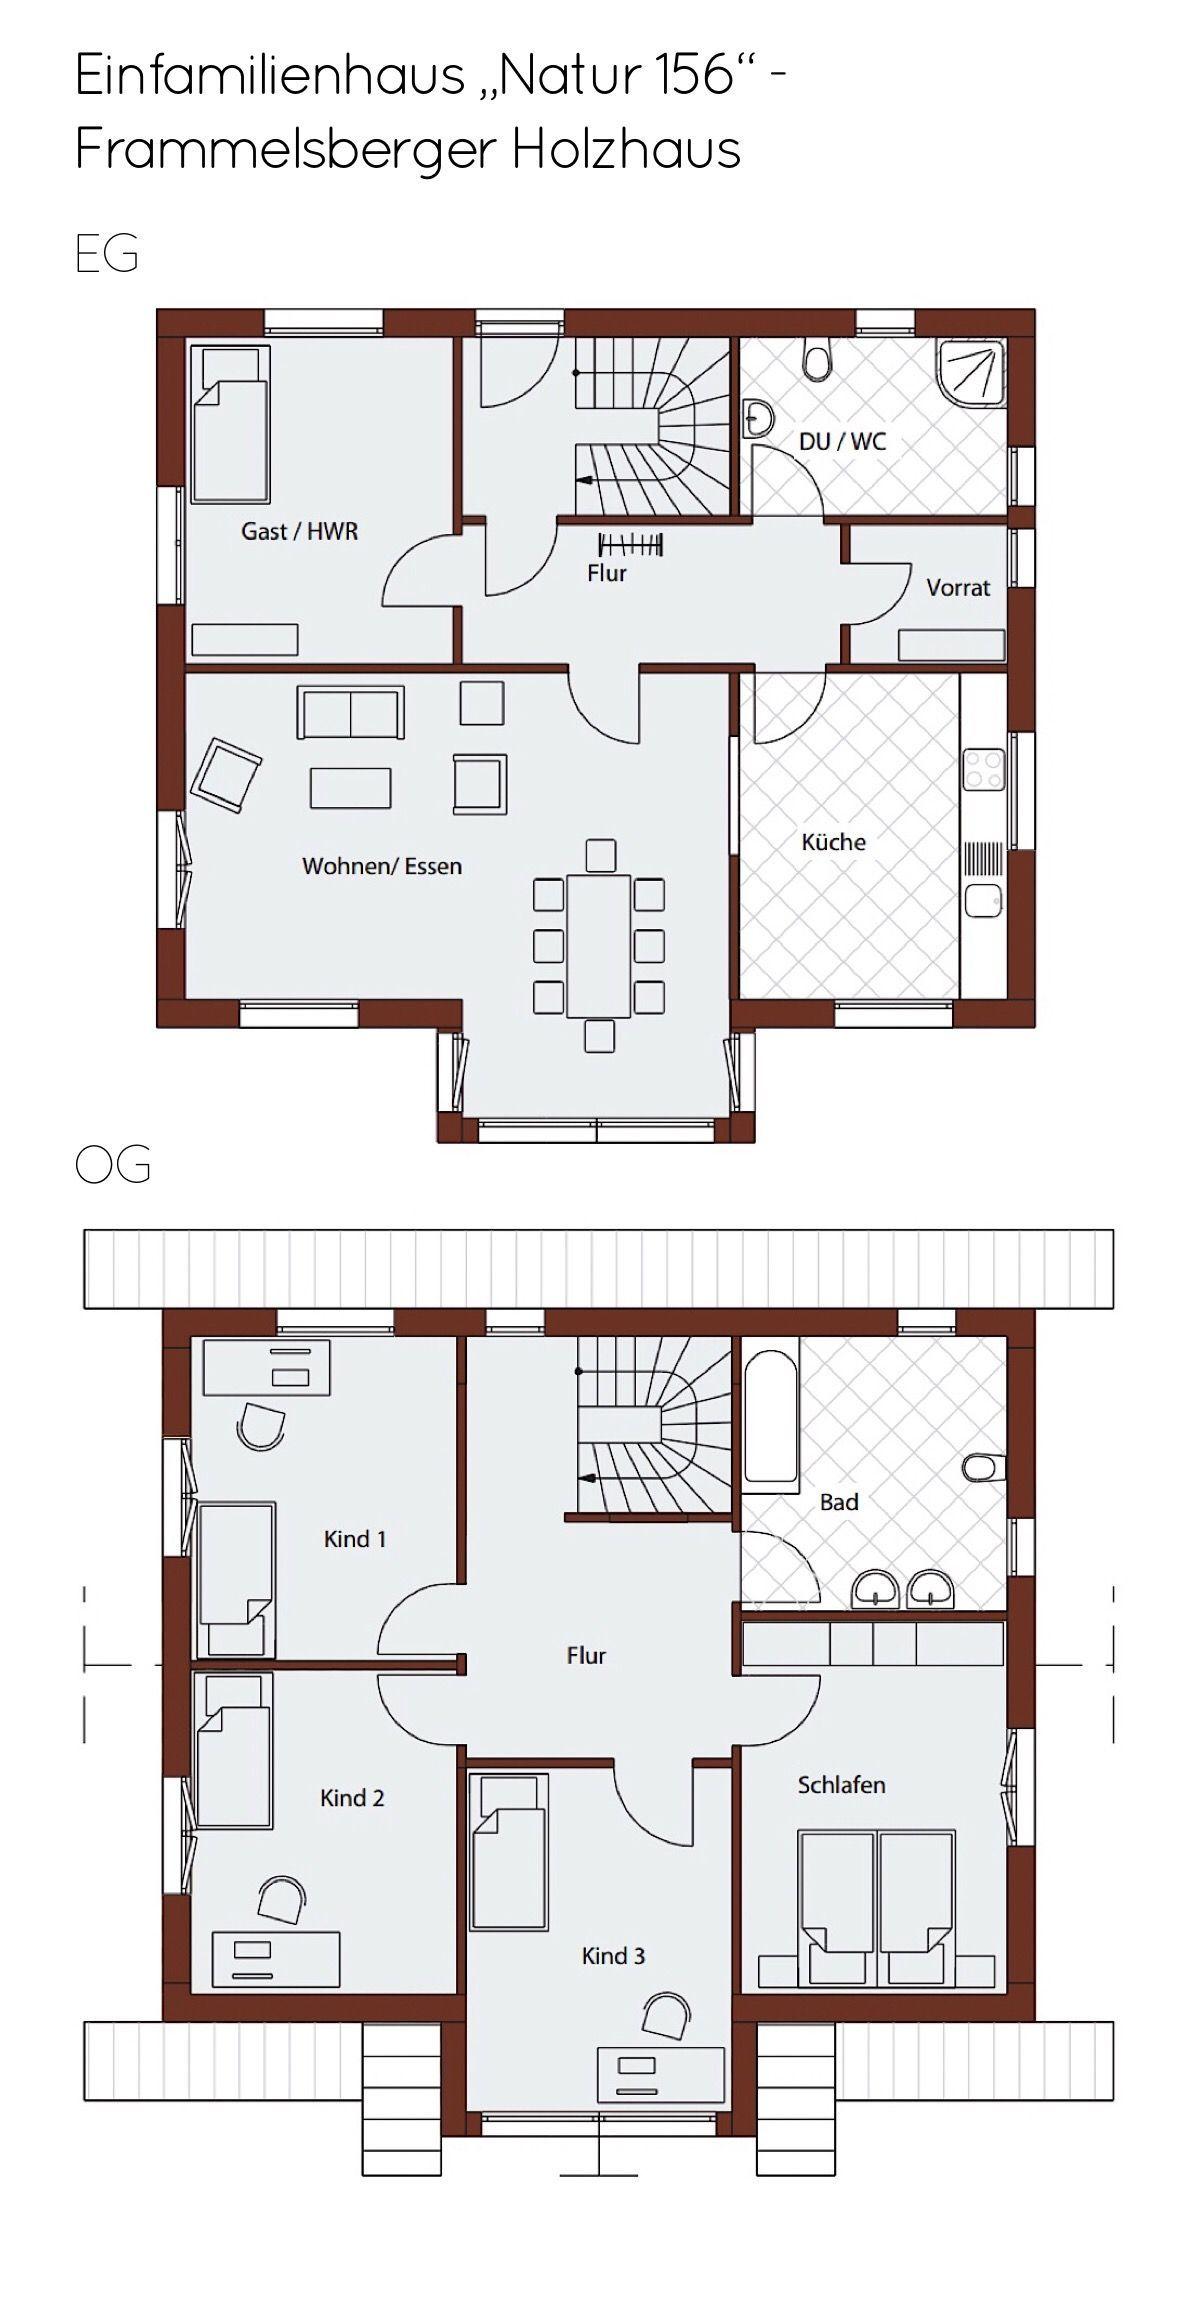 Modernes Einfamilienhaus Kopf D156 in Hanglage Frammelsberger Holzbau